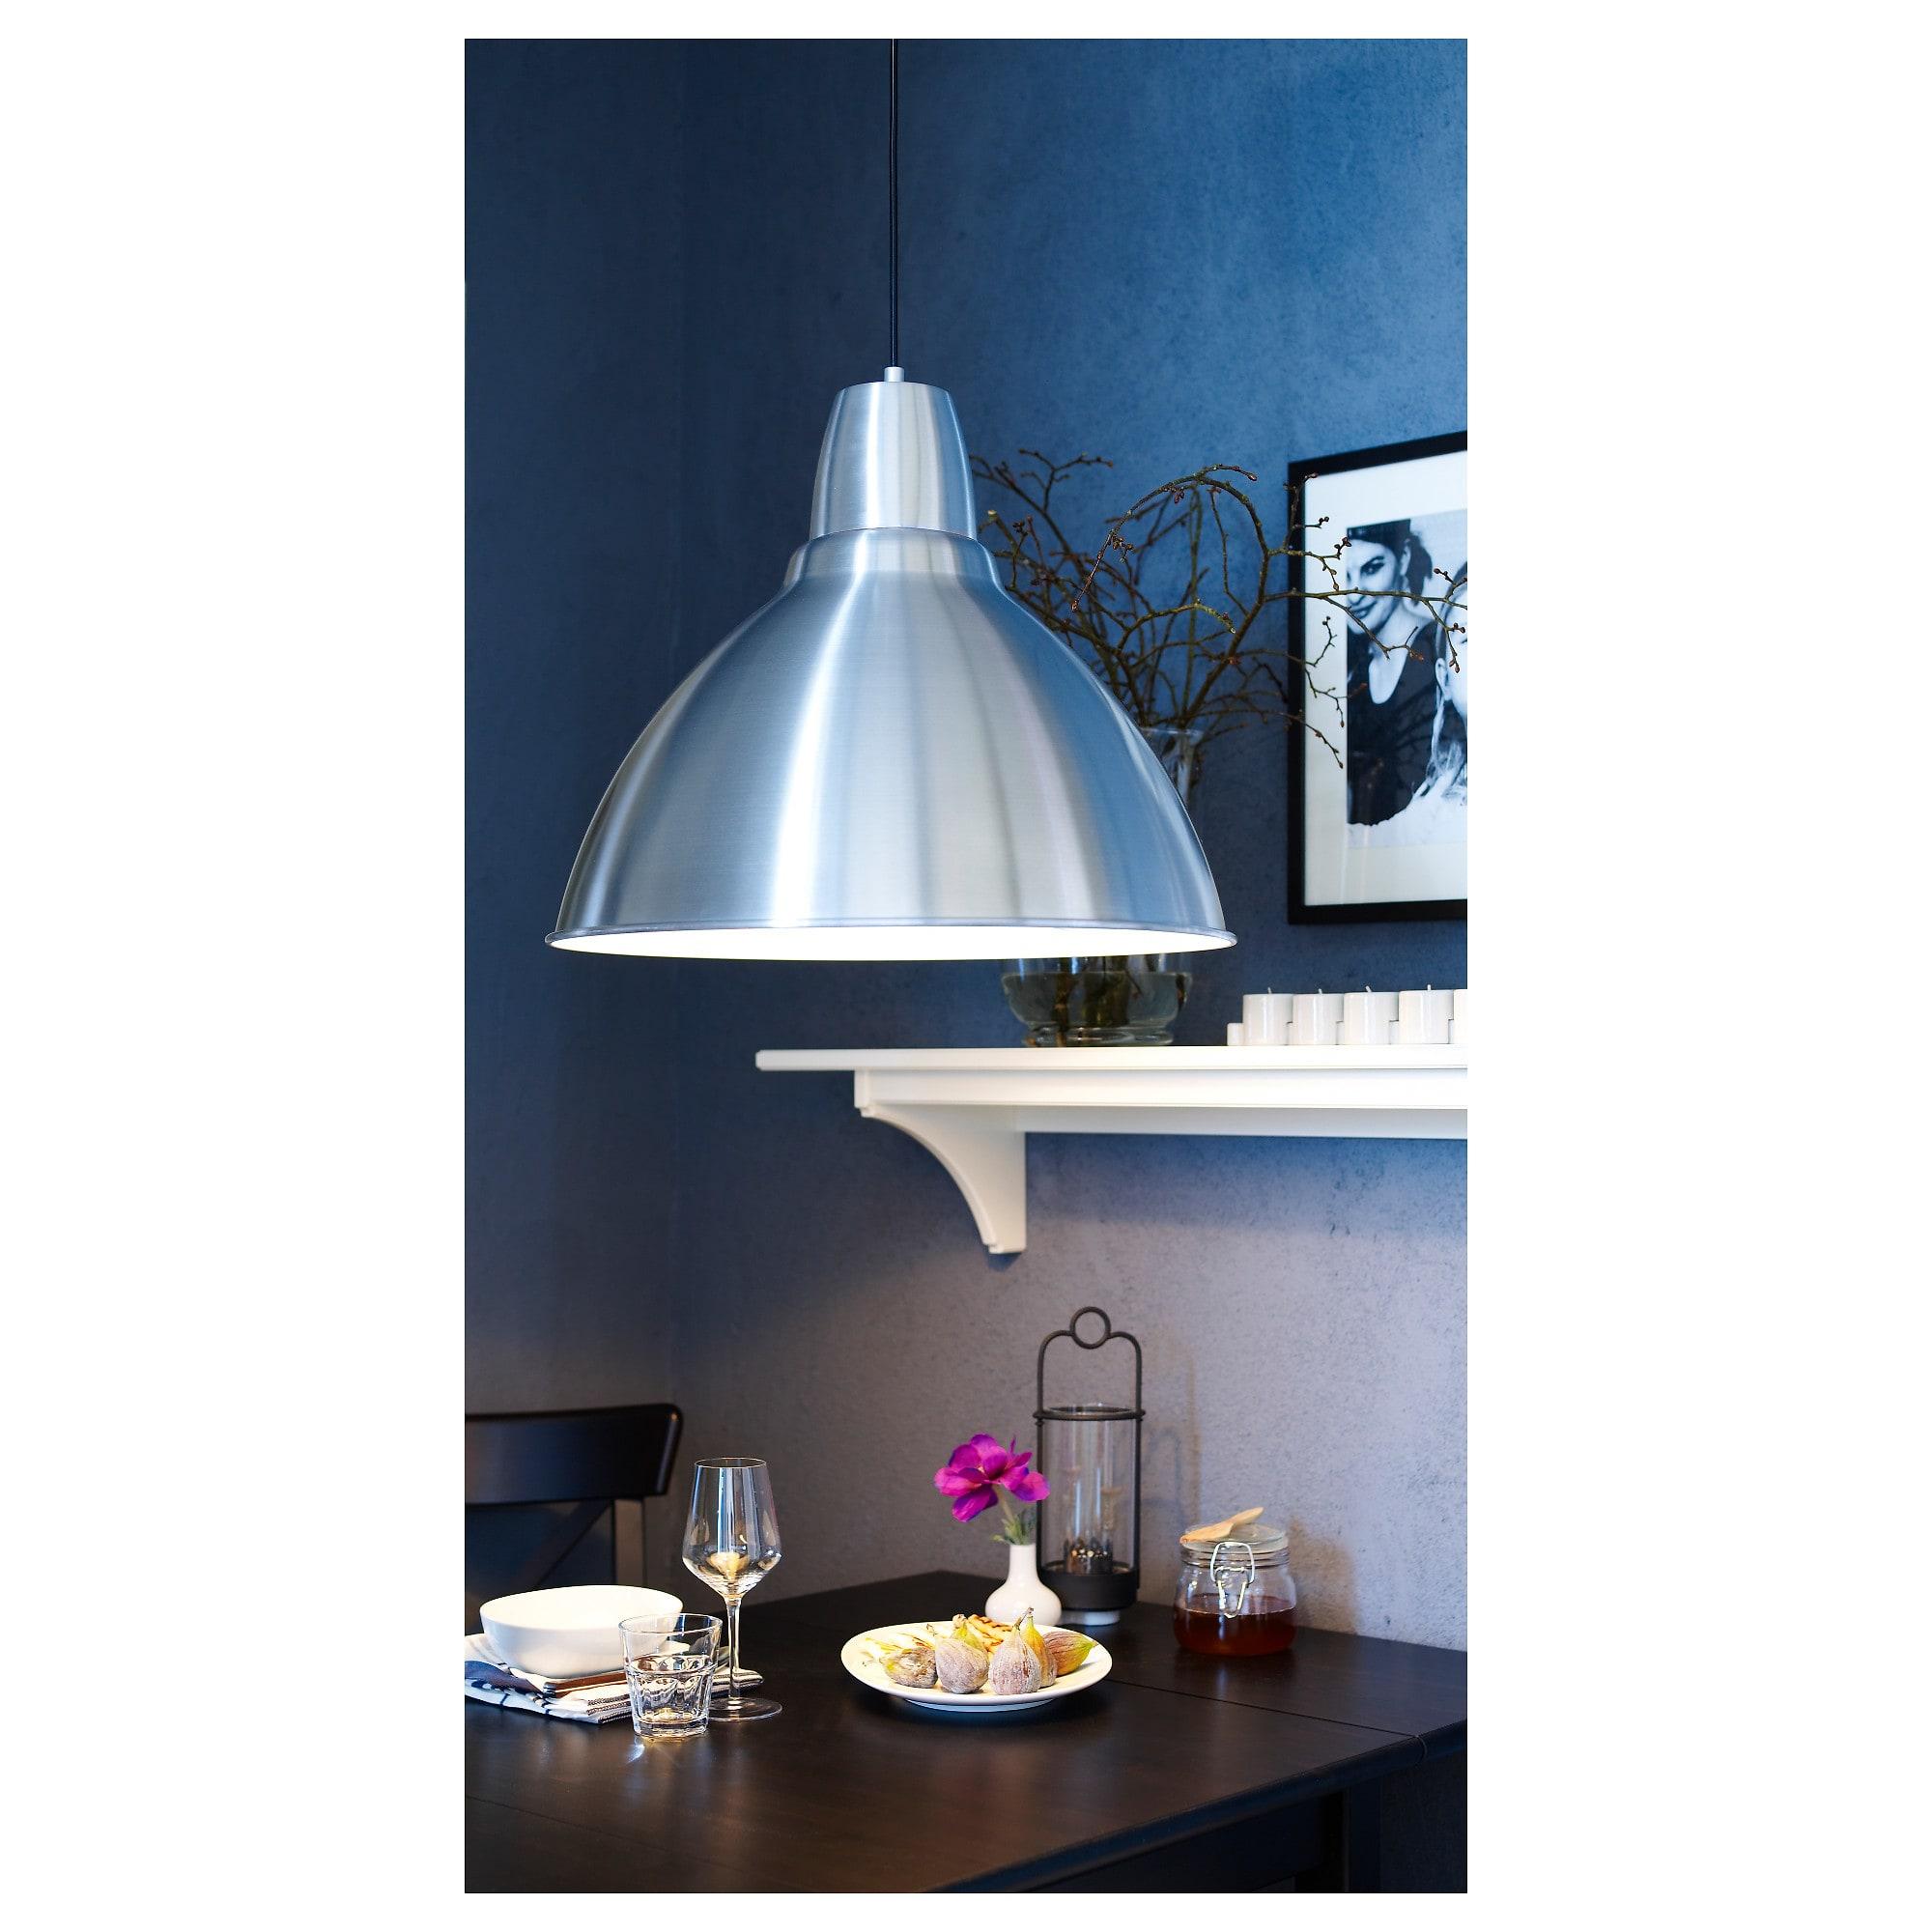 Foto Hangeleuchte Aluminium Aluminium Led Lampe Und Ikea